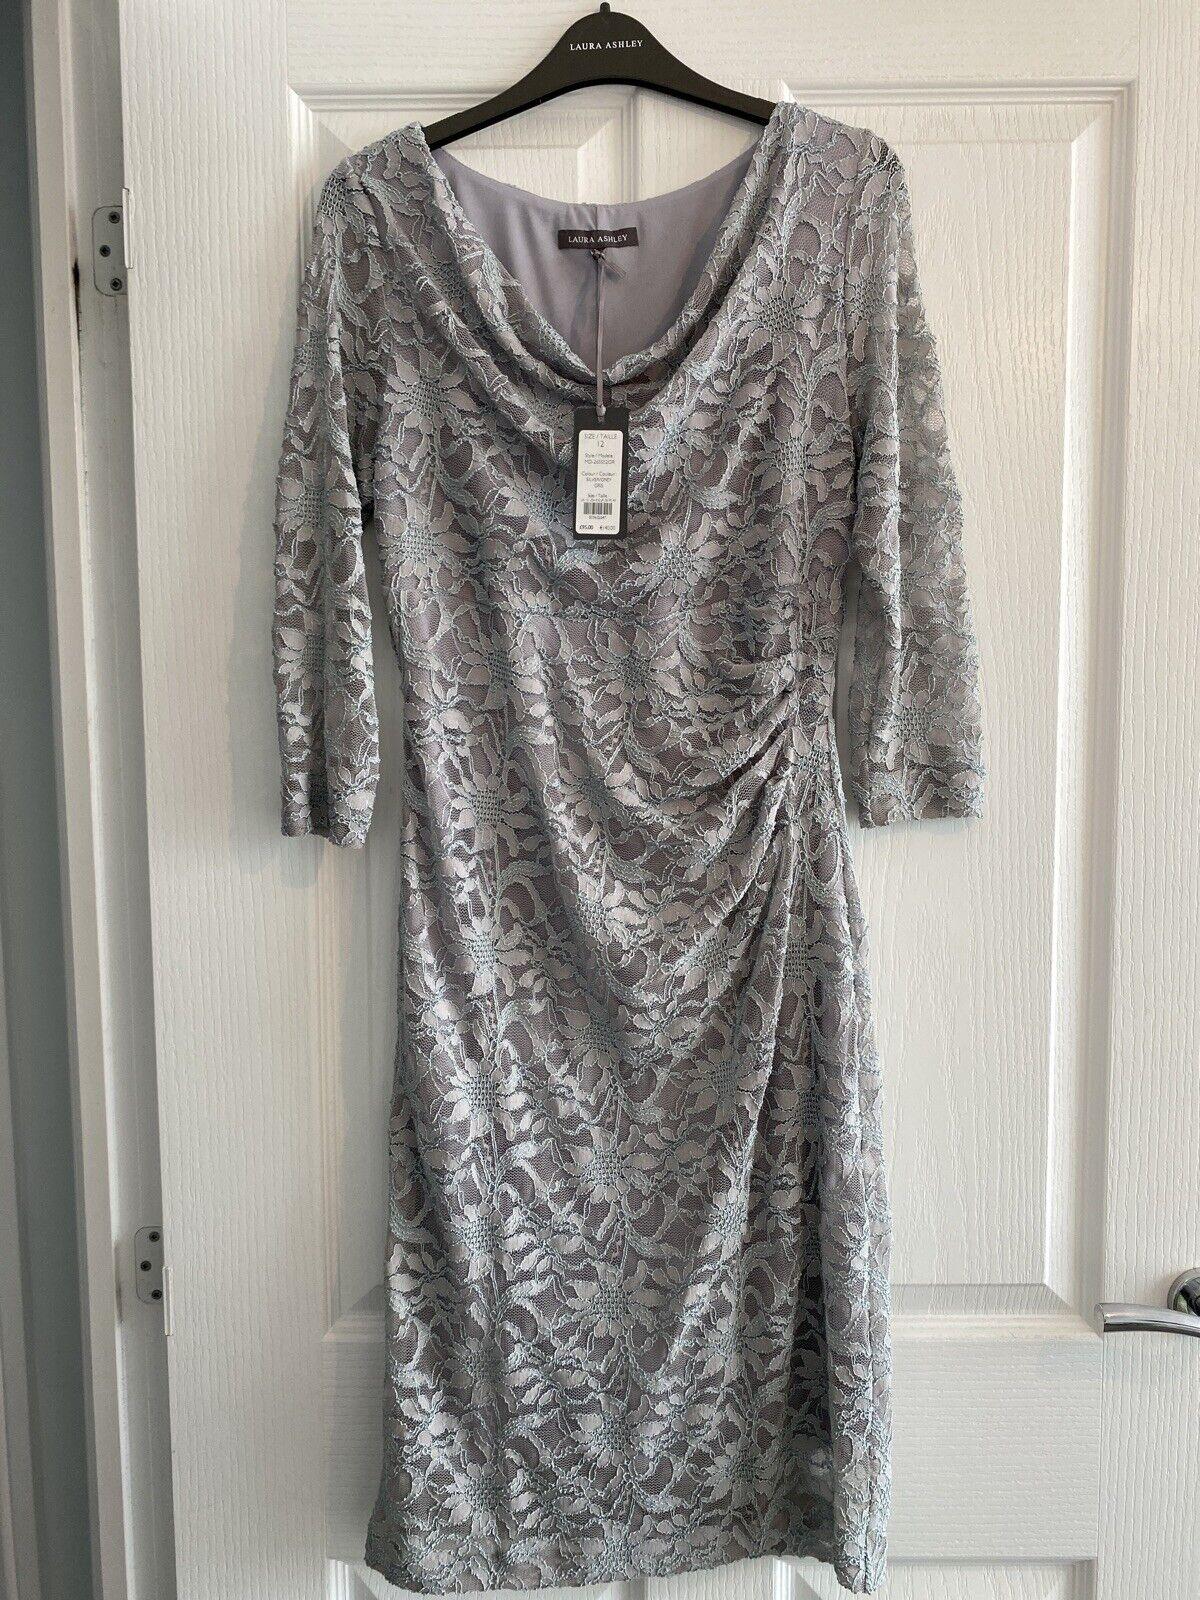 Laura Ashley Silver Grey Lace 3/4 Sleeve Wedding Occasion Dress Size 12.BNWT